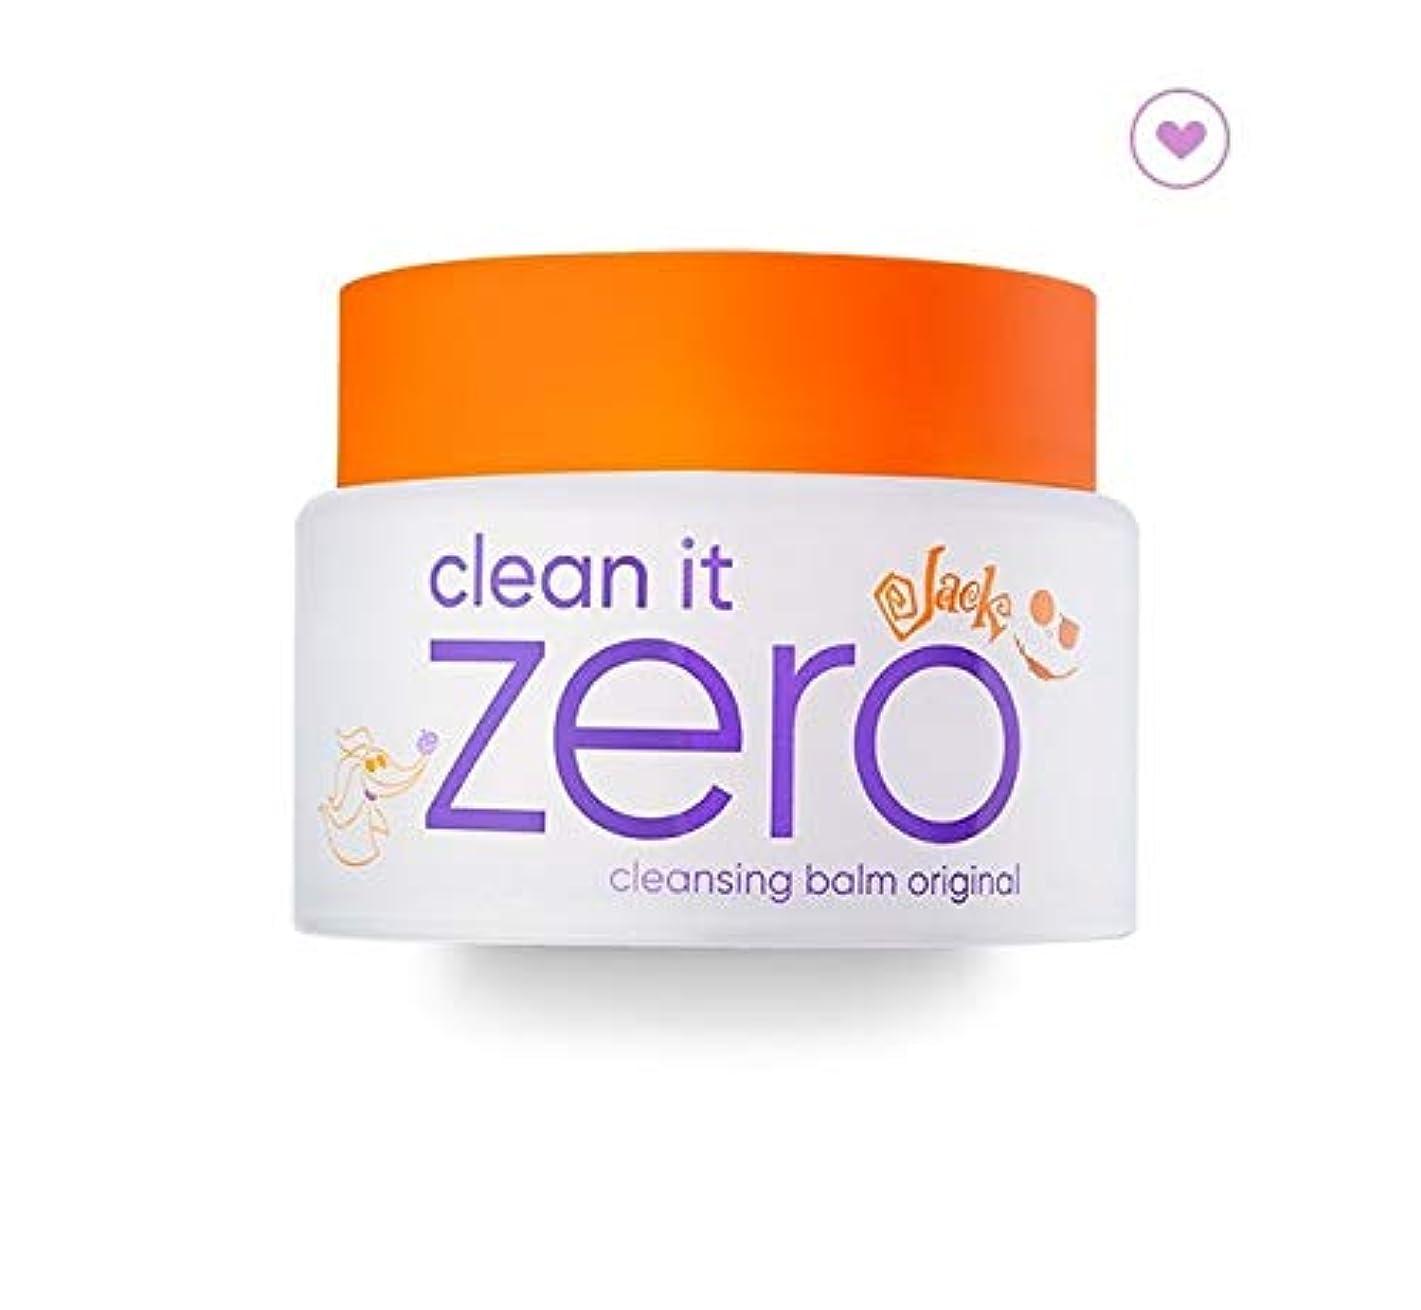 コンデンサーメッセンジャー鳩Banilaco クリーンイットゼロクレンジングバームディズニーコレクション(オレンジ) / Clean It Zero Cleansing Balm Disney Collection (Orange) 100ml [並行輸入品]